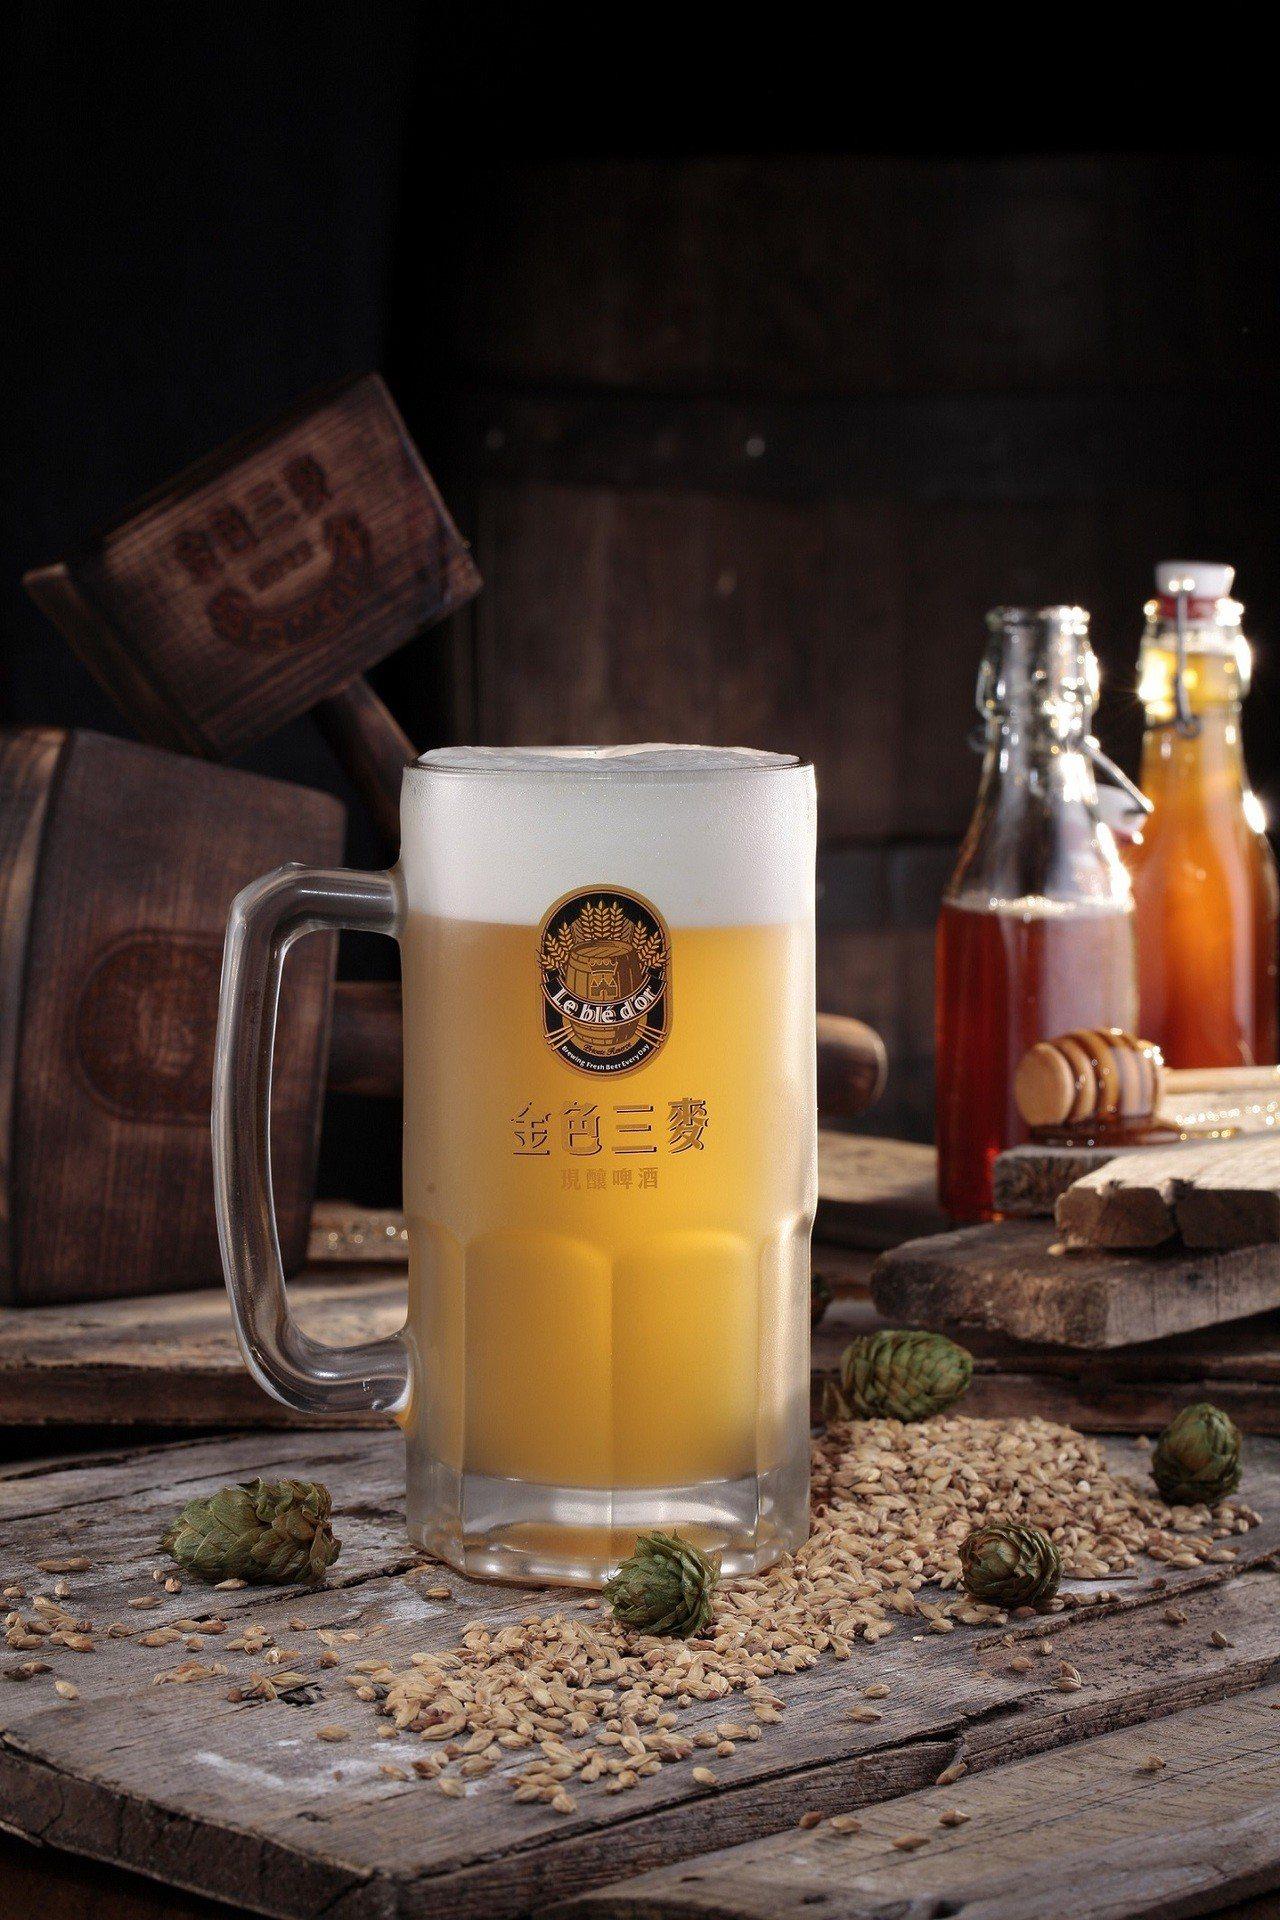 金色三麥蜂蜜啤酒。圖/誠品生活提供 ※ 提醒您:禁止酒駕 飲酒過量有礙健康